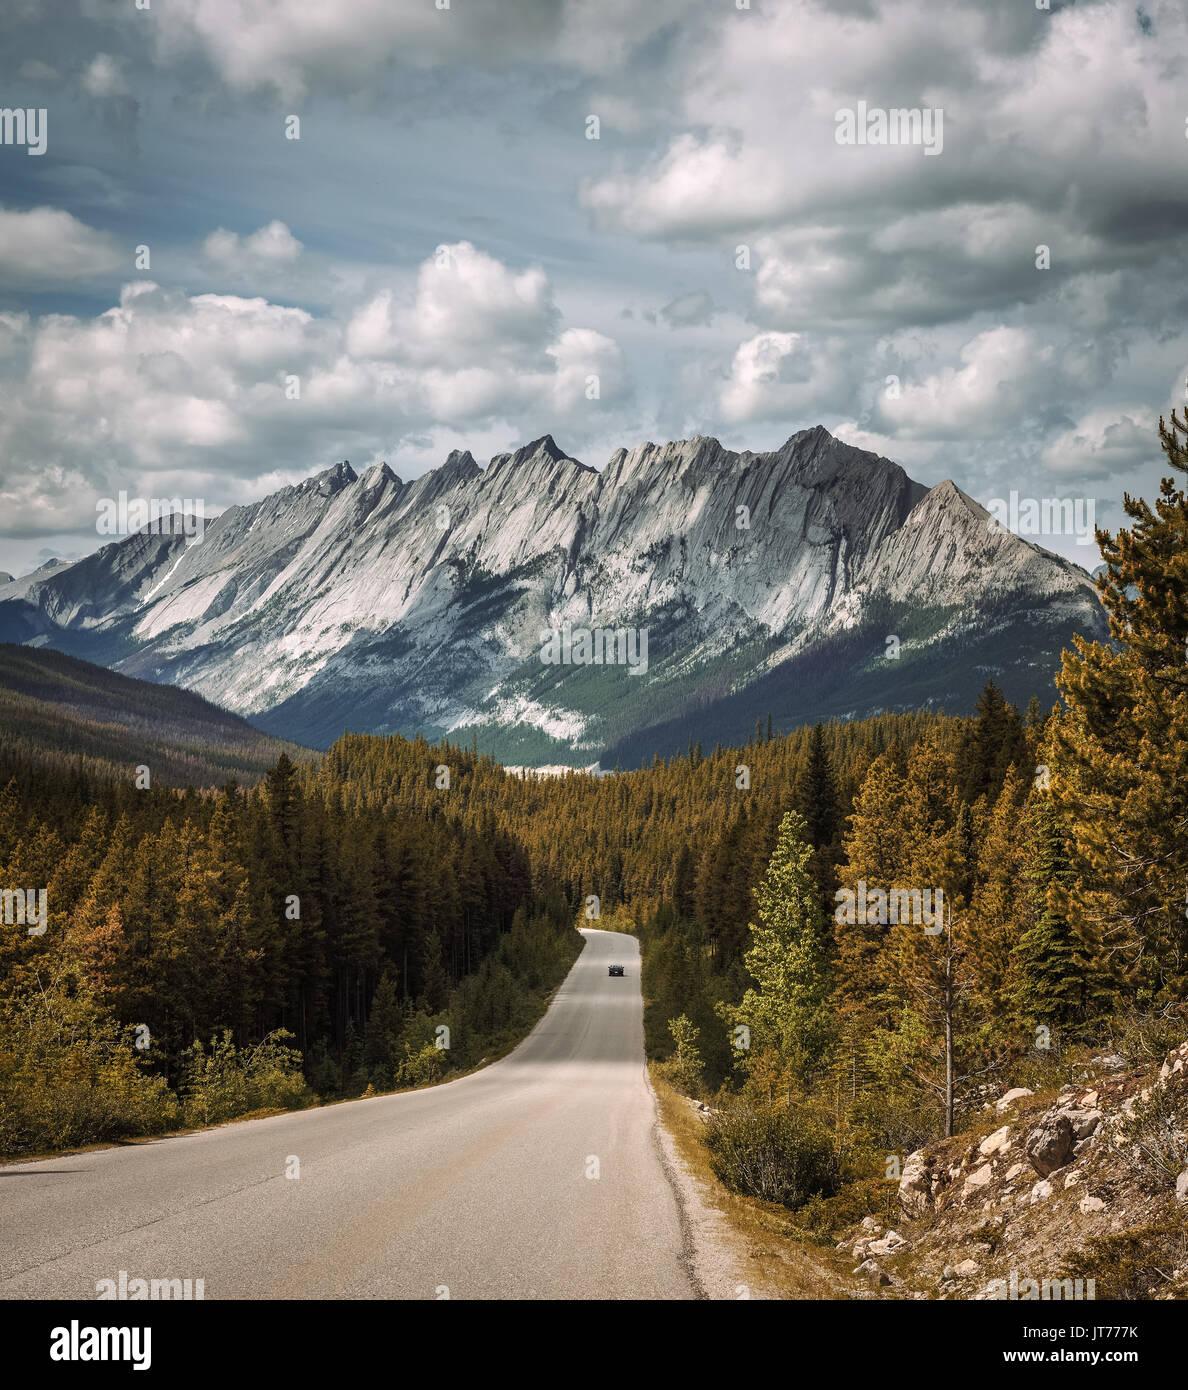 Vista panorámica de la carretera y de los Rockies canadienses sobre la carretera Icefields Parkway. Viaja a través de los Parques Nacionales de Banff y Jasper y ofrece espectaculares vistas de Imagen De Stock